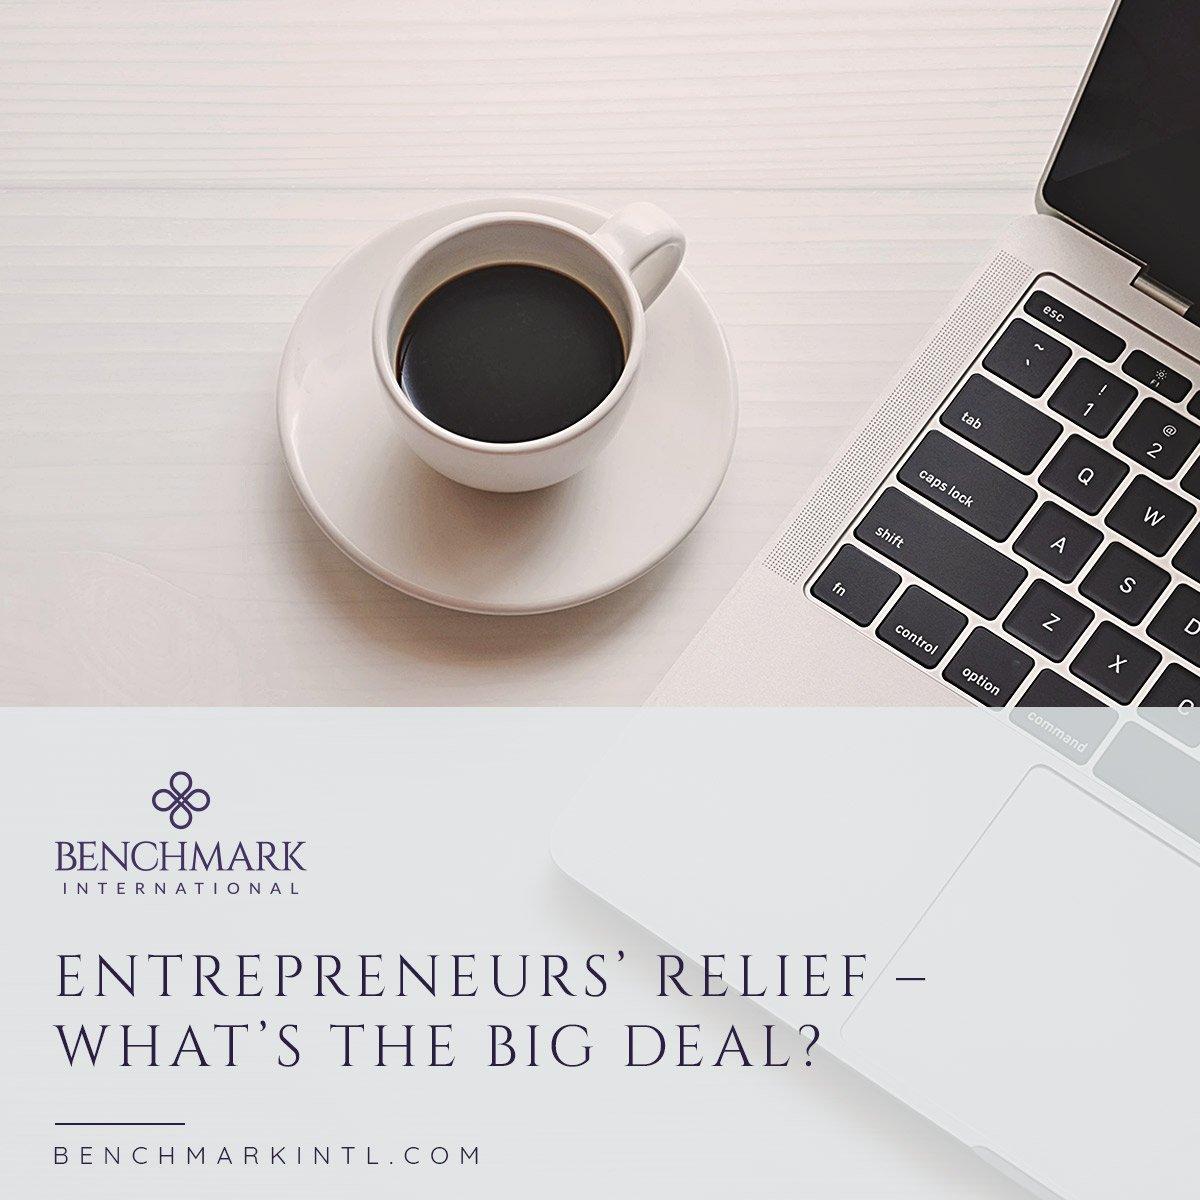 Entrepreneurs' Relief Social